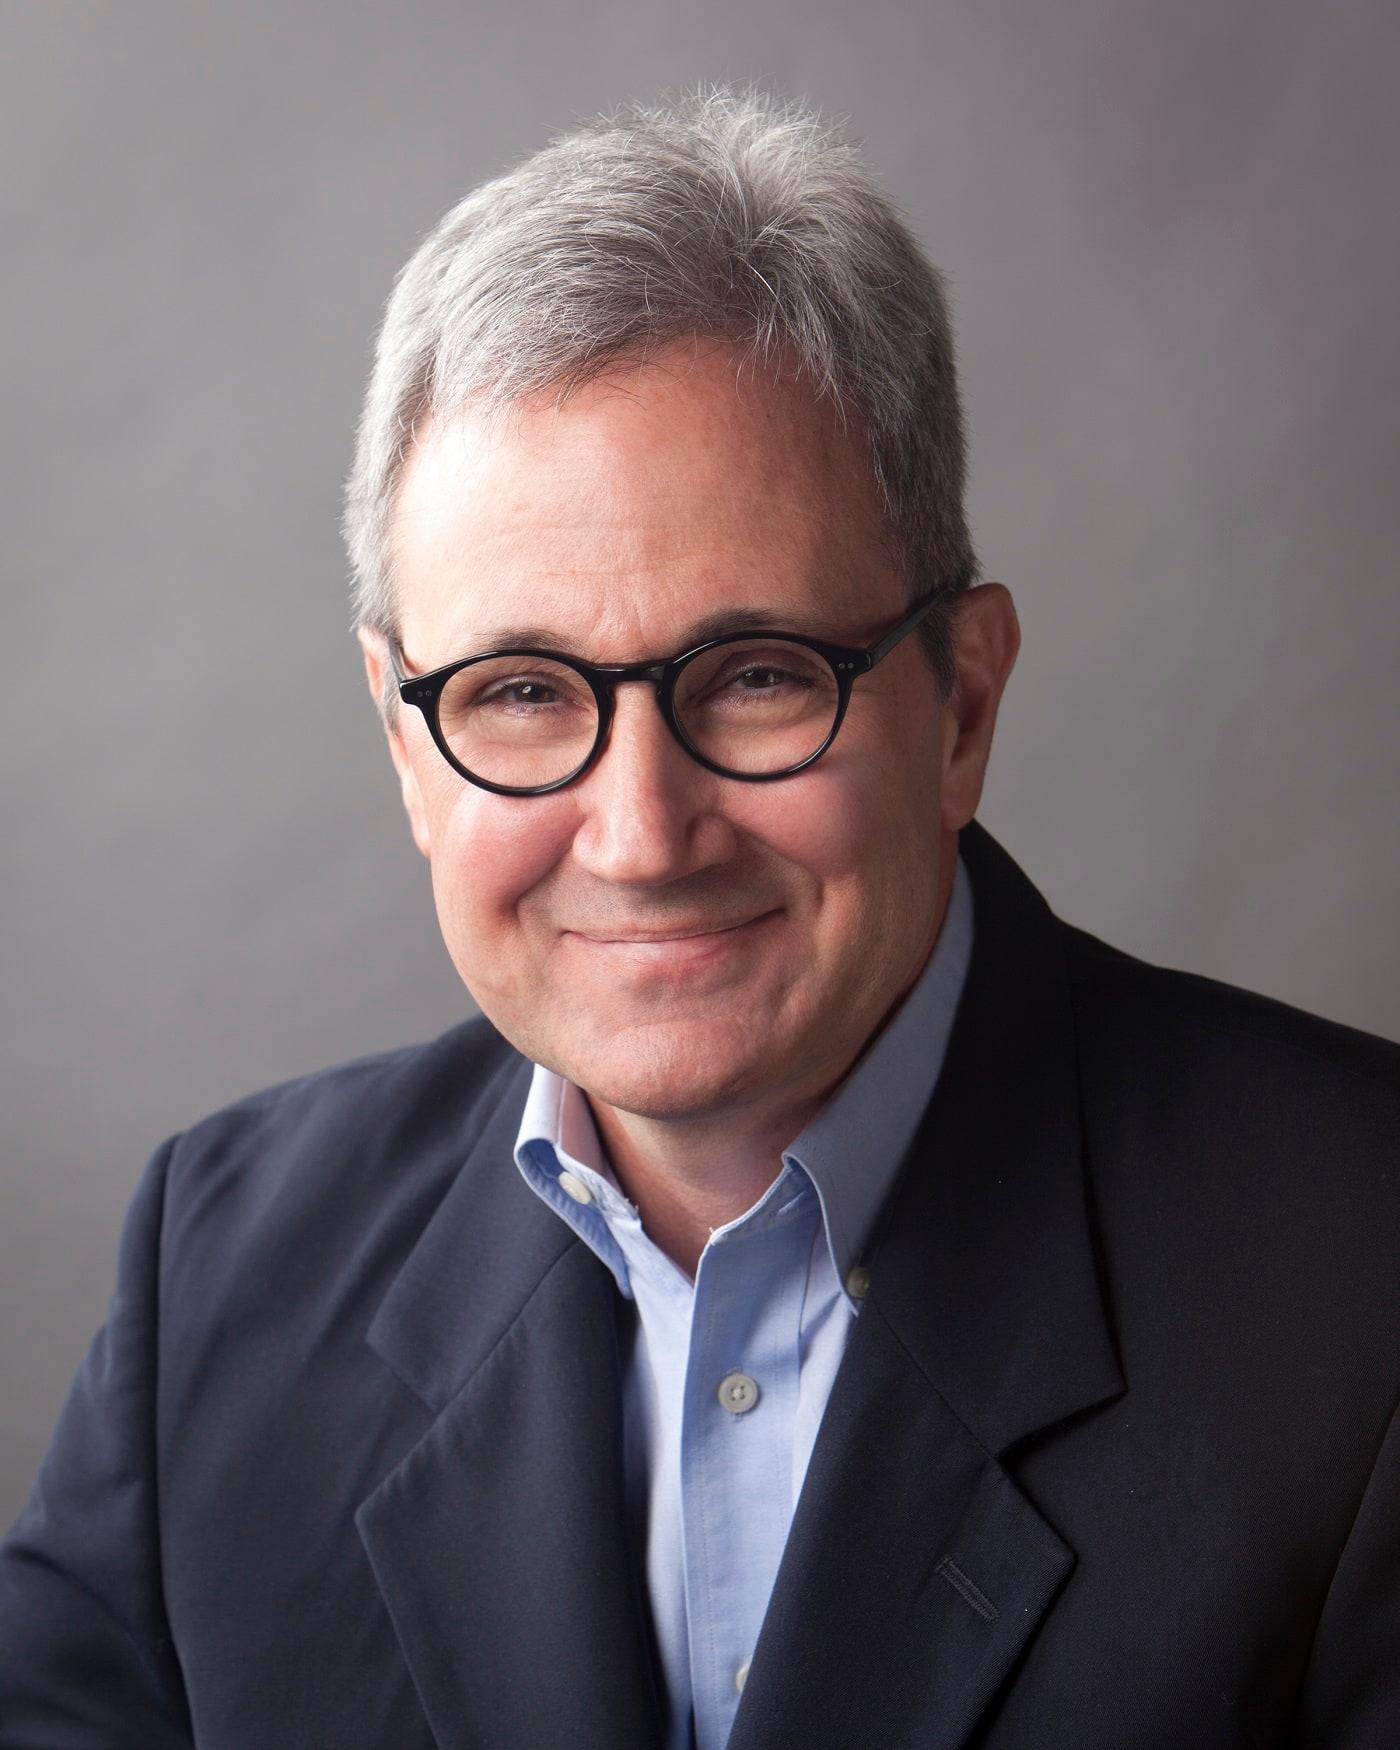 Dr. Louis M Certo MD